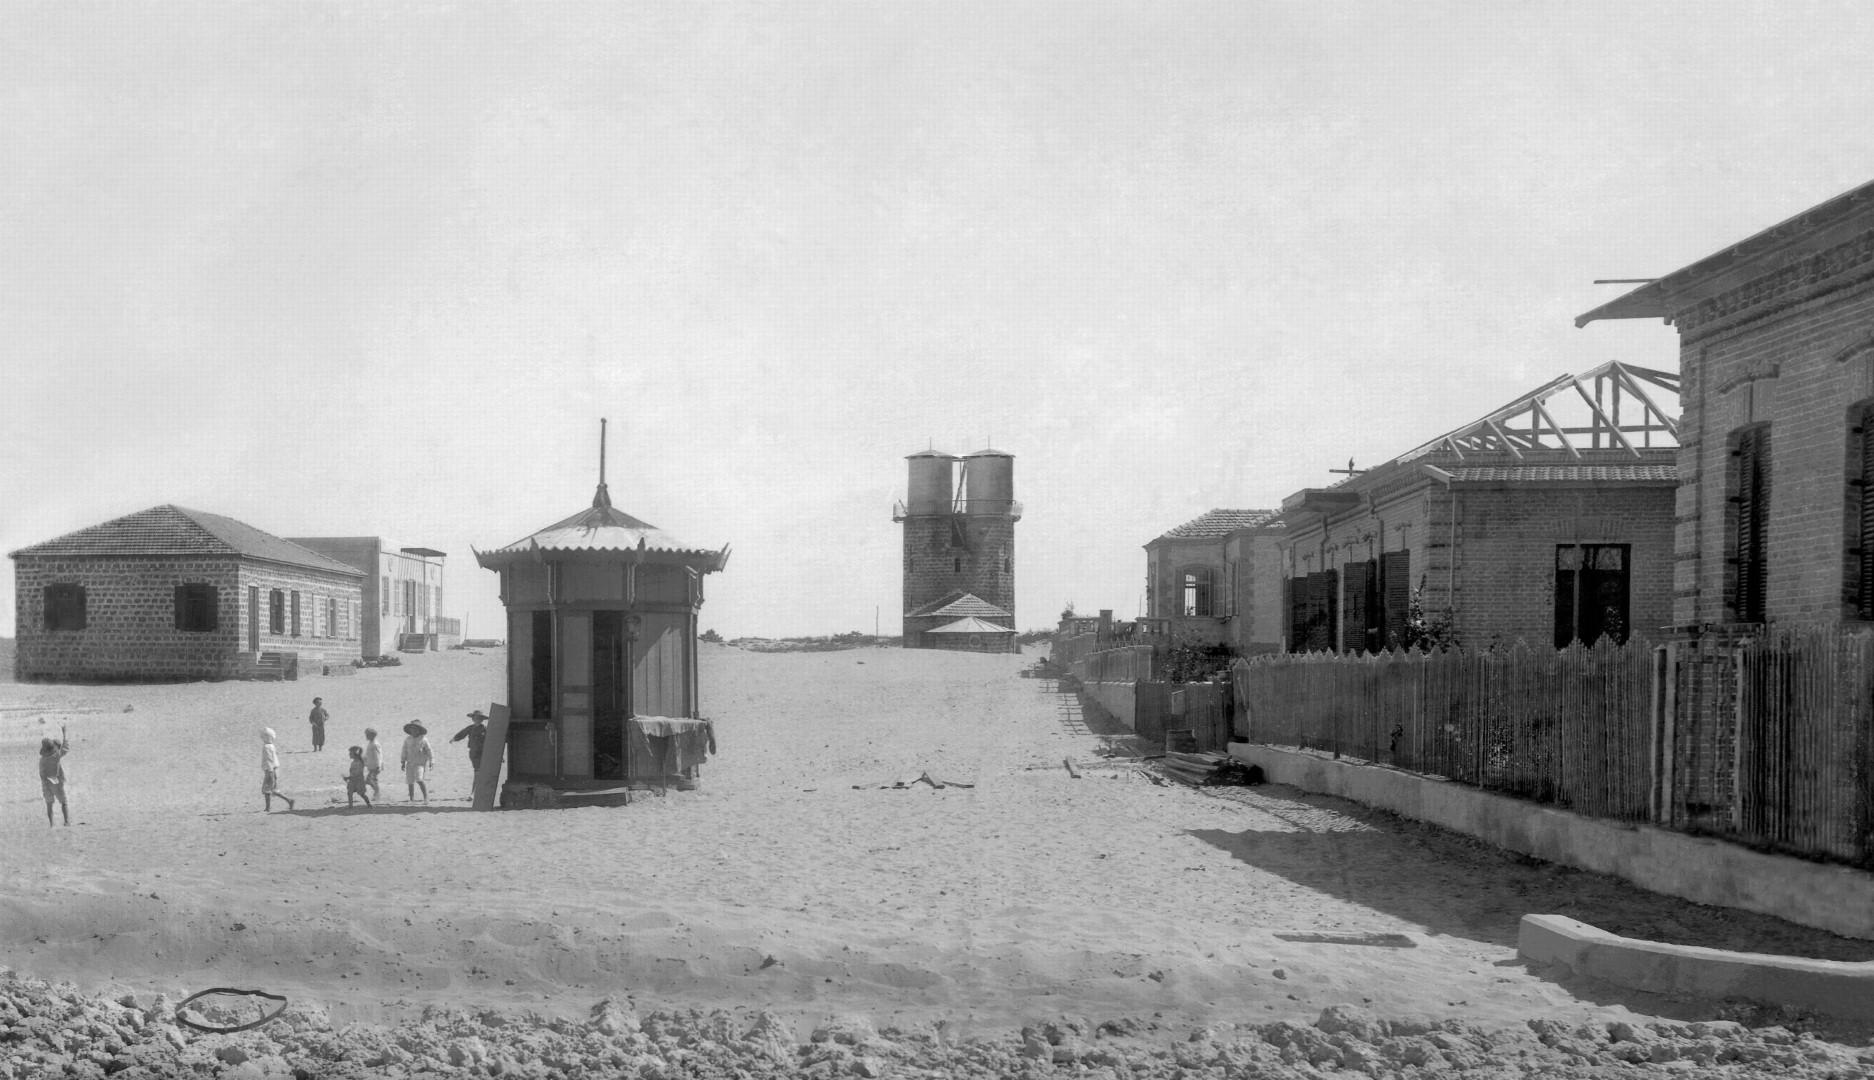 מזהים? זה הקיוסק הראשון בתל אביב, ברוטשילד (צילום: אברהם סוסקין, מוזיאון ארץ ישראל, אוסף סוסקין)